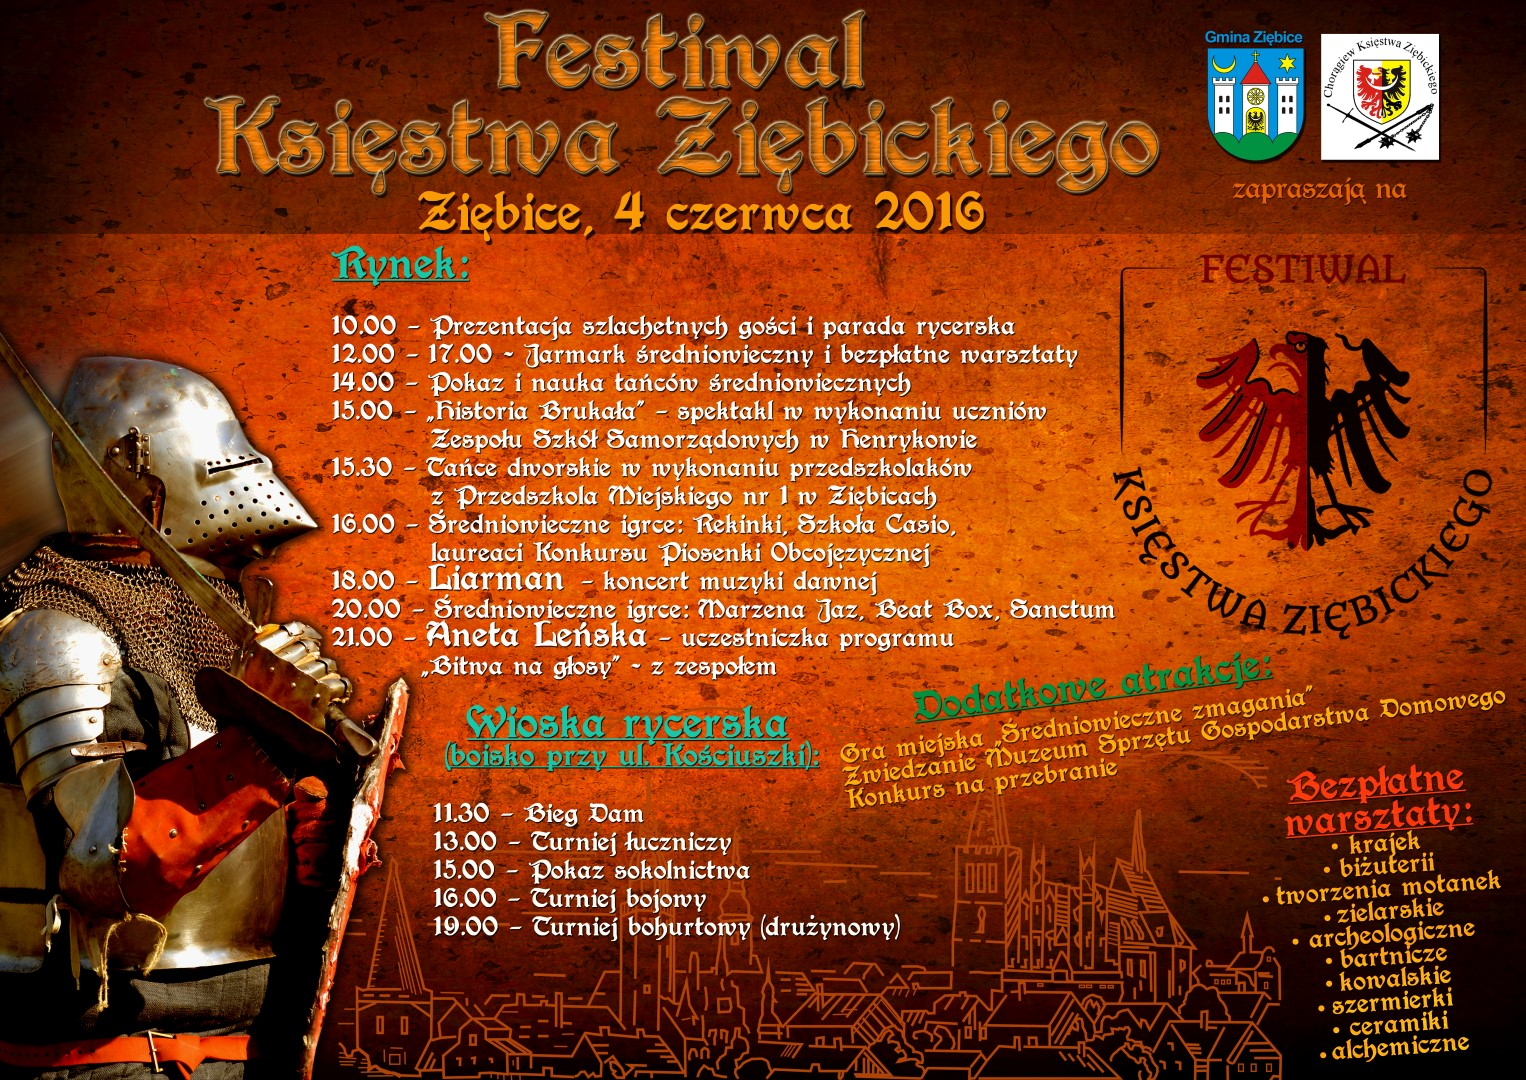 Festiwal Księstwa Ziębickiego_01